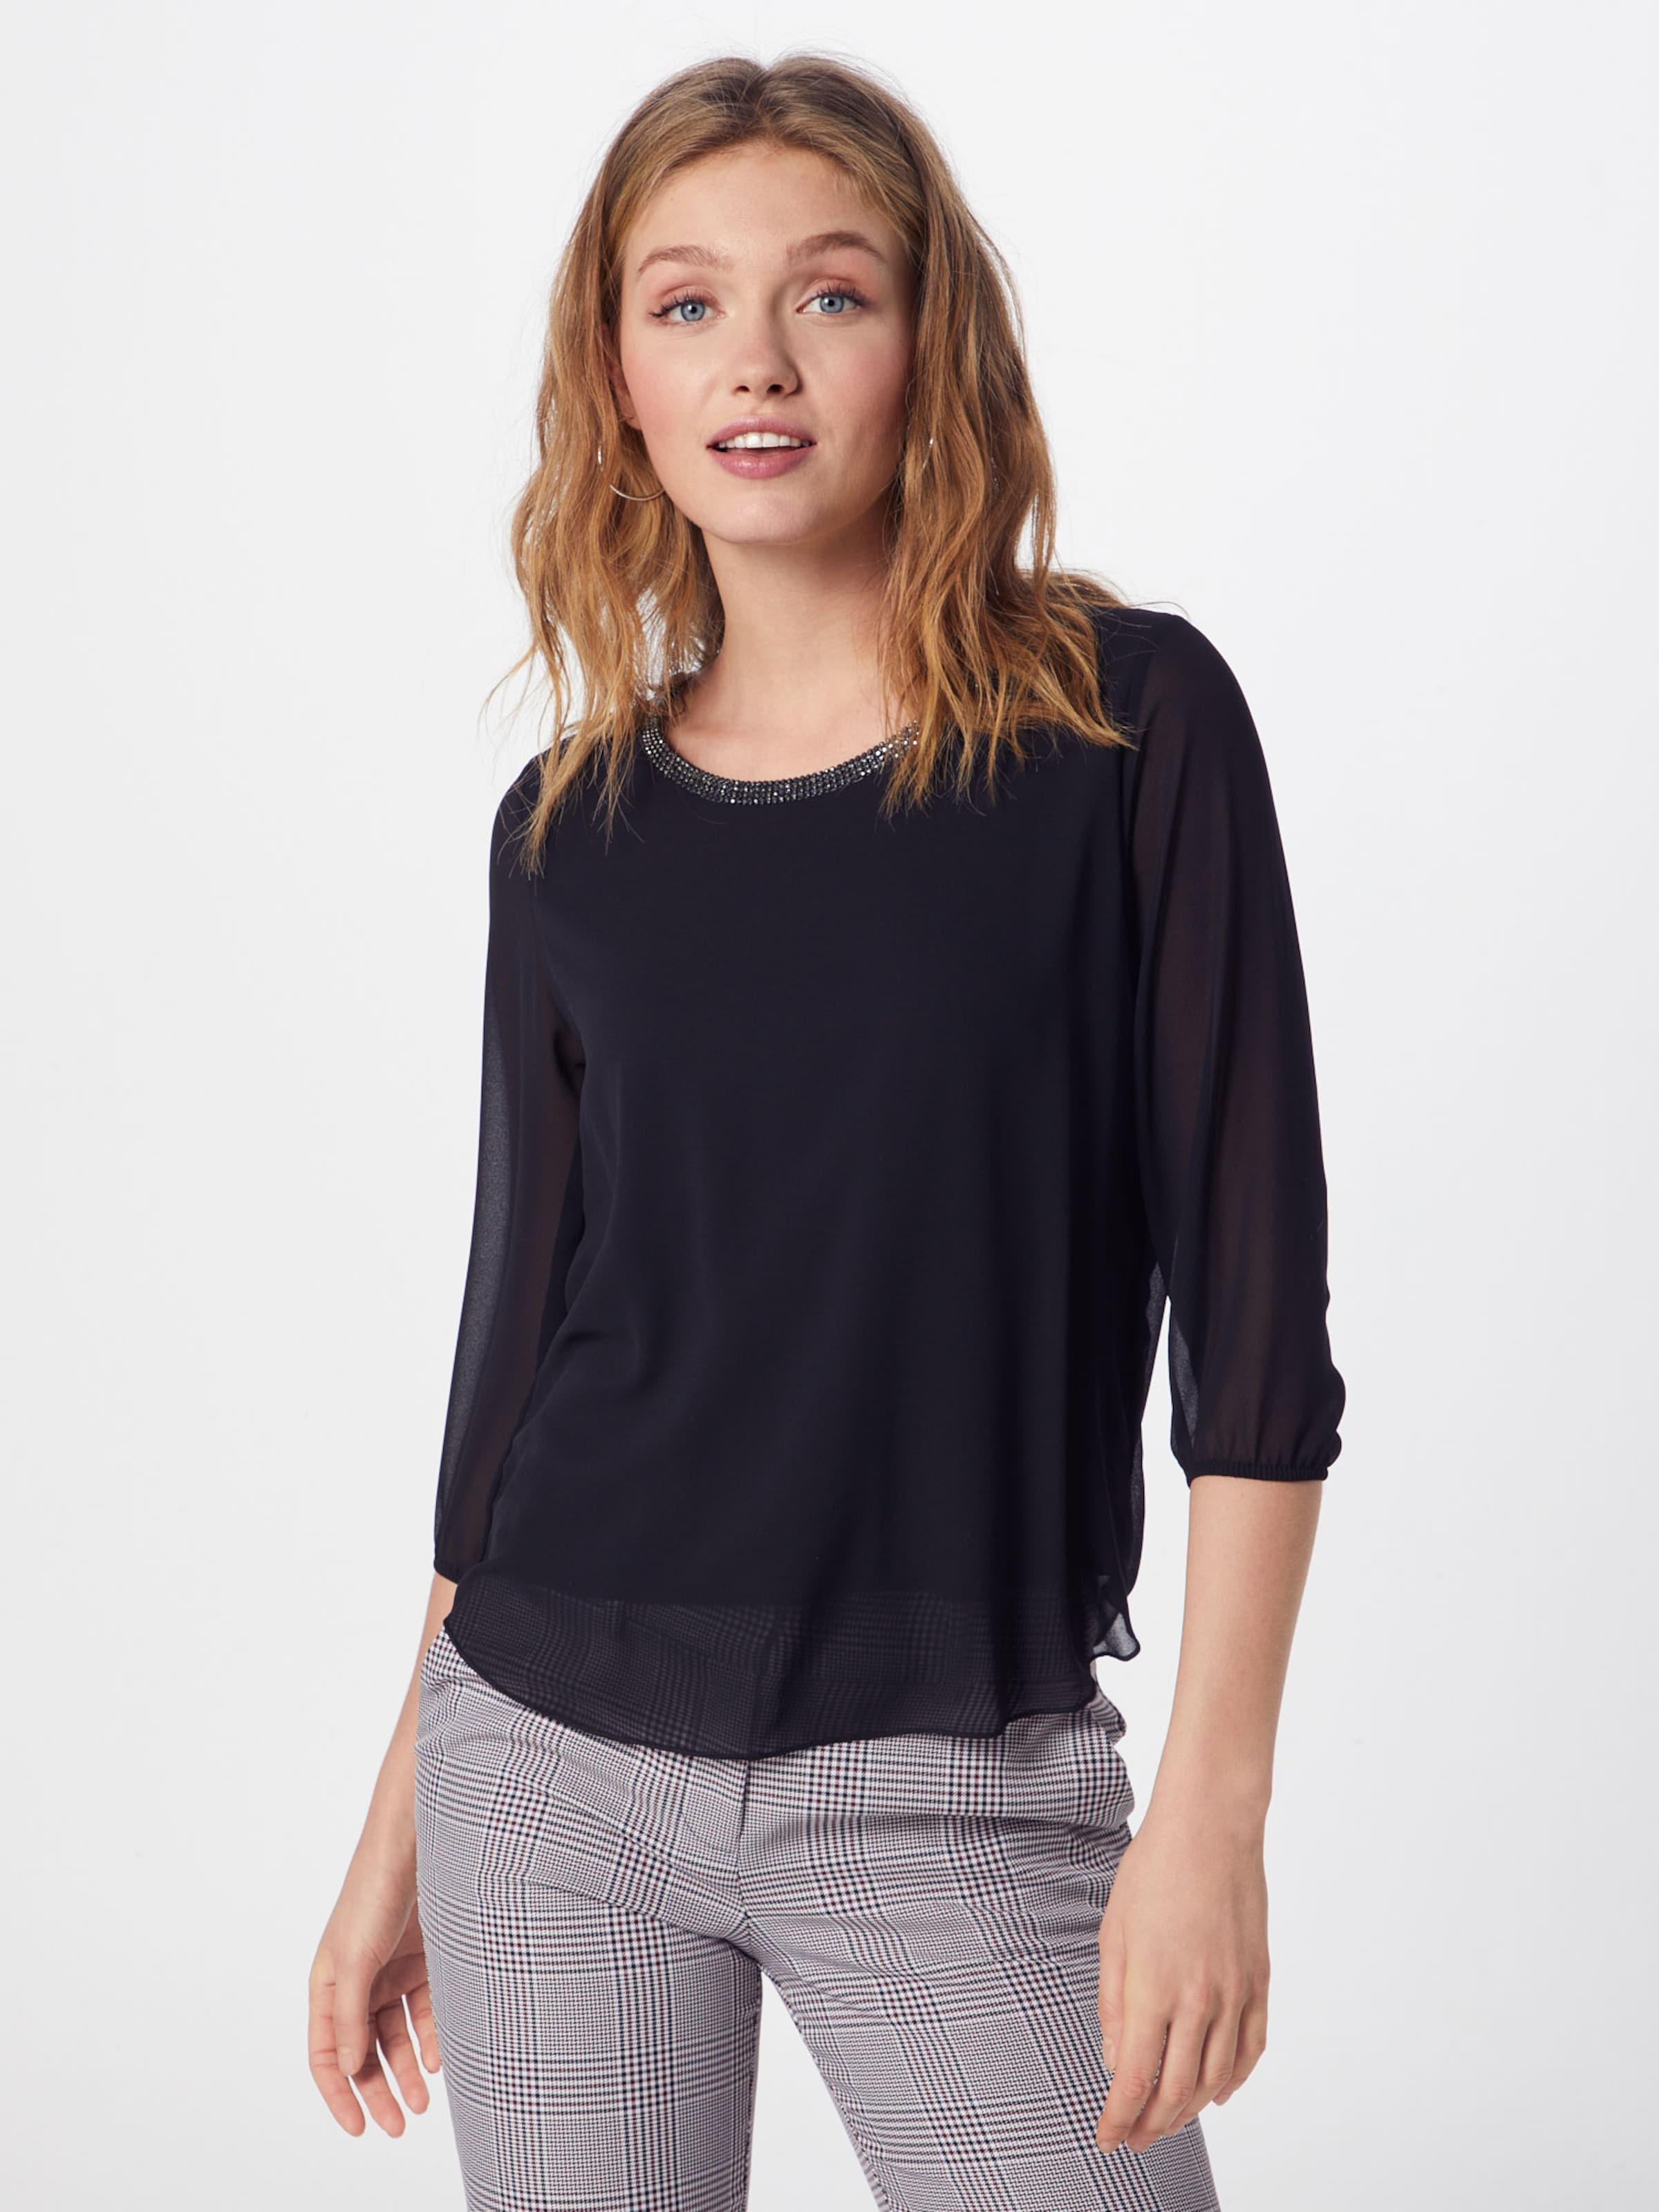 Shirt Tp '3 Hailys Schwarz Lieven' 4 P In 8PkwXn0O